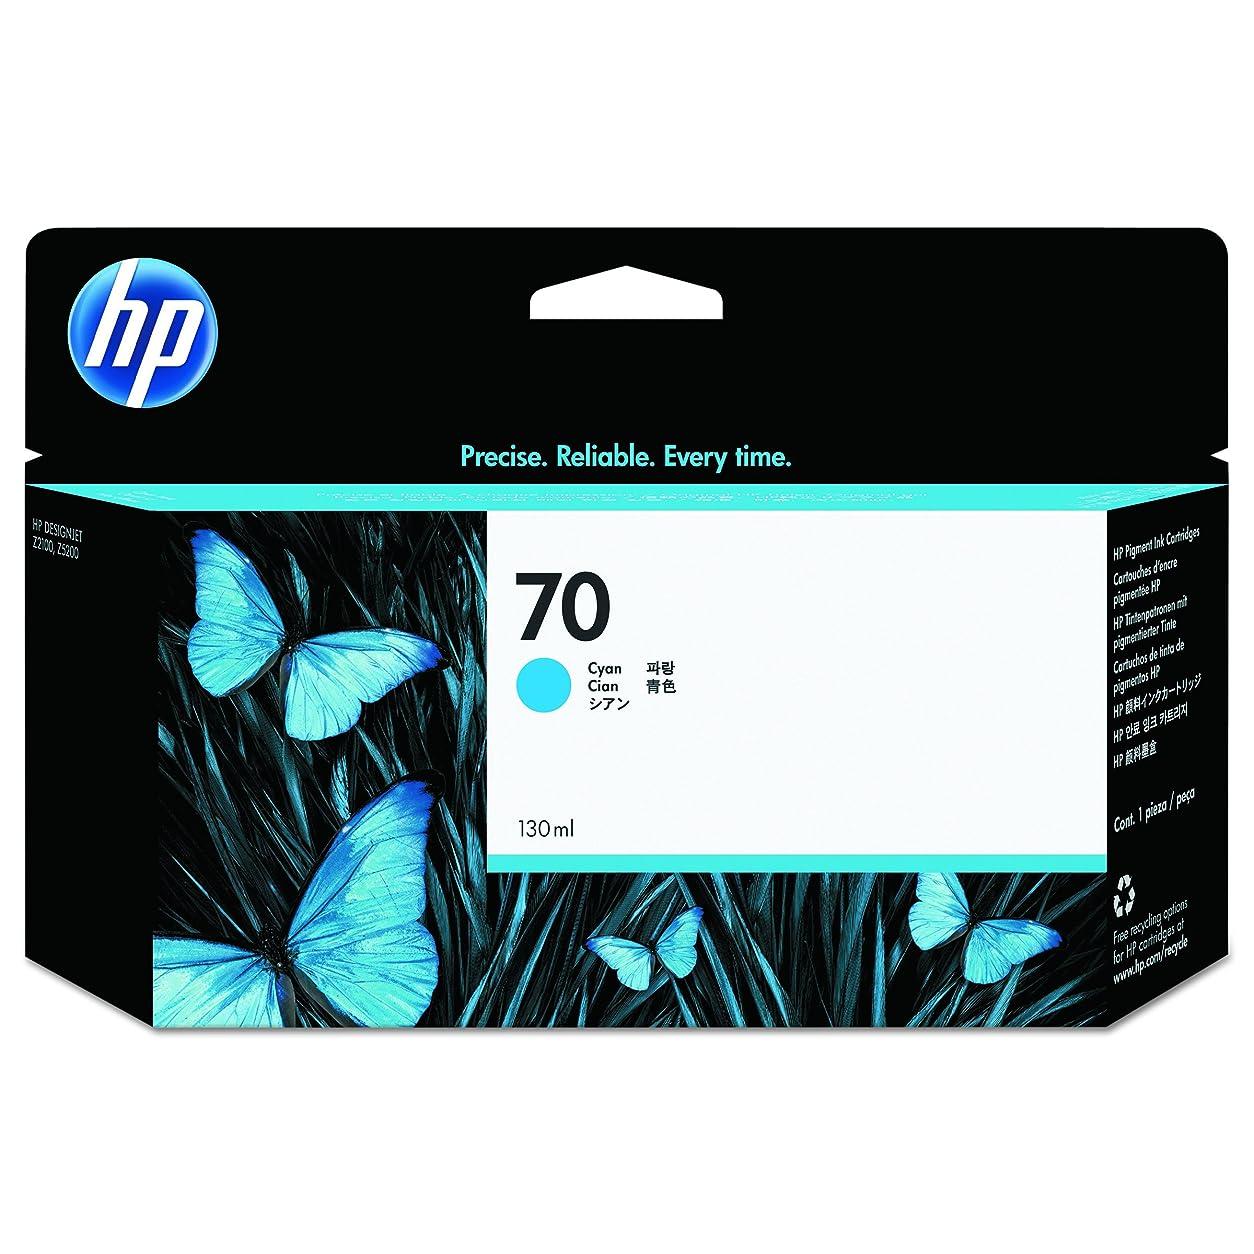 素晴らしき有用想定するヒューレット?パッカード HP 70 インクカートリッジ シアン